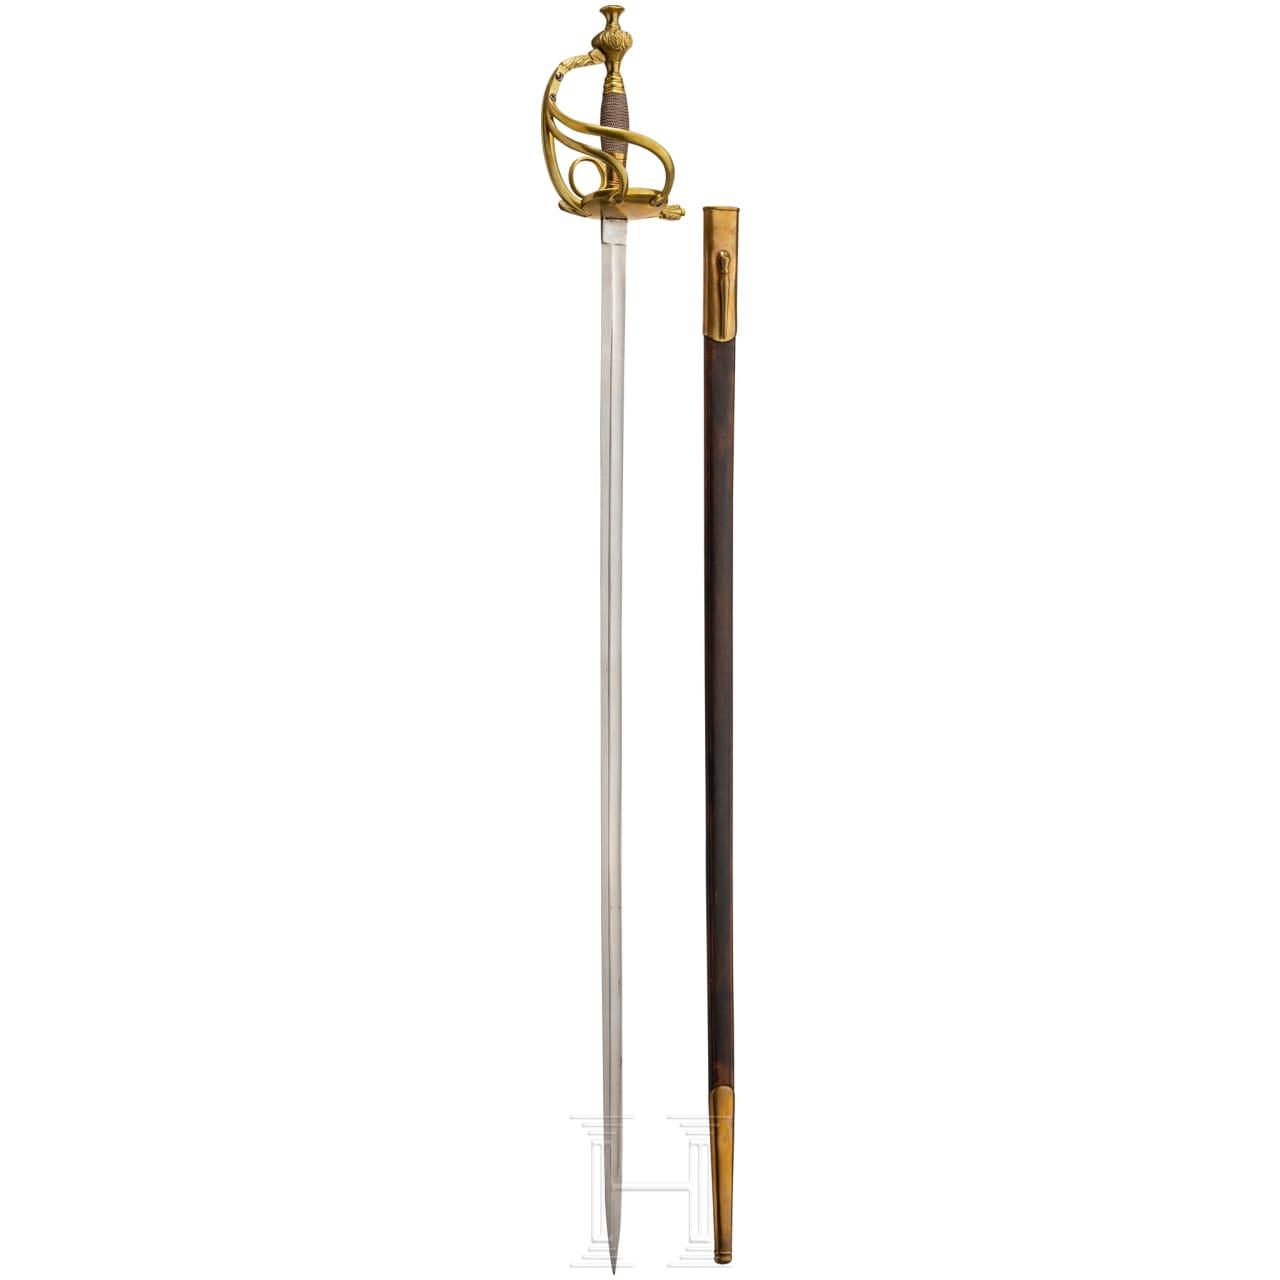 Degen für Offiziere der Infanterie, Vorlagestück, Regierungszeit Friedrichs III.